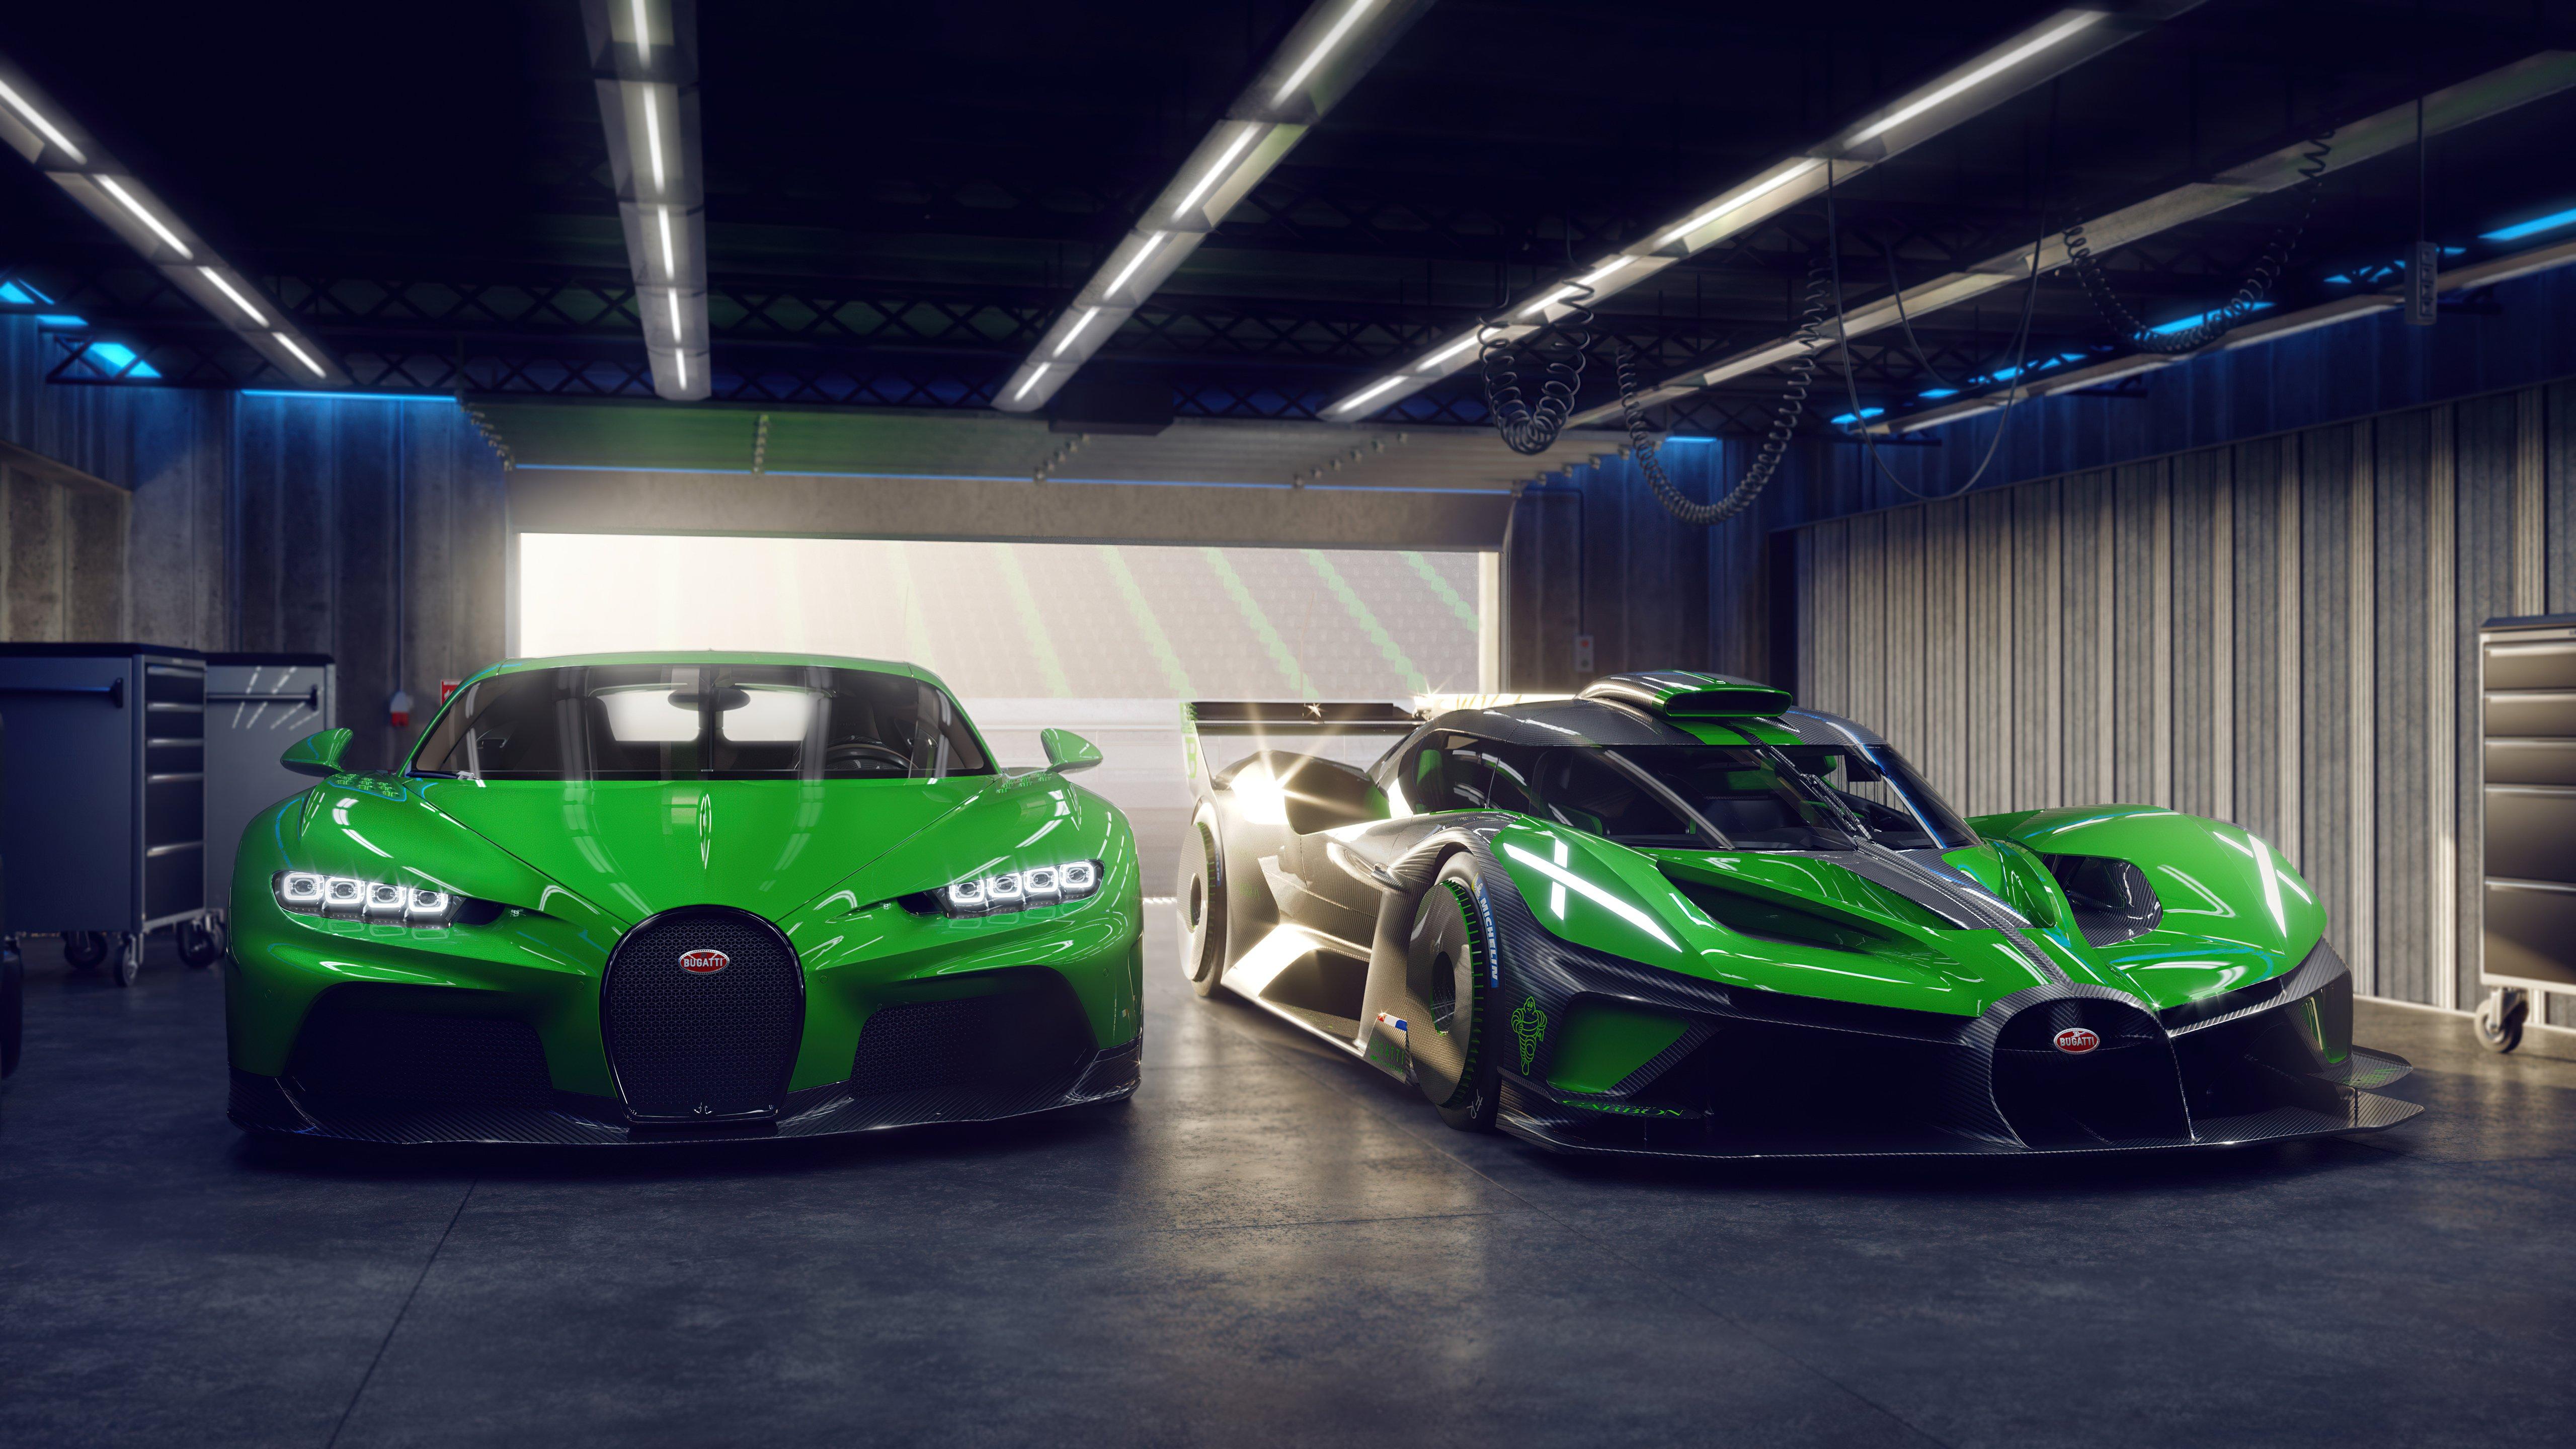 Fondos de pantalla Bugatti Chiron y Bugatti Bolide